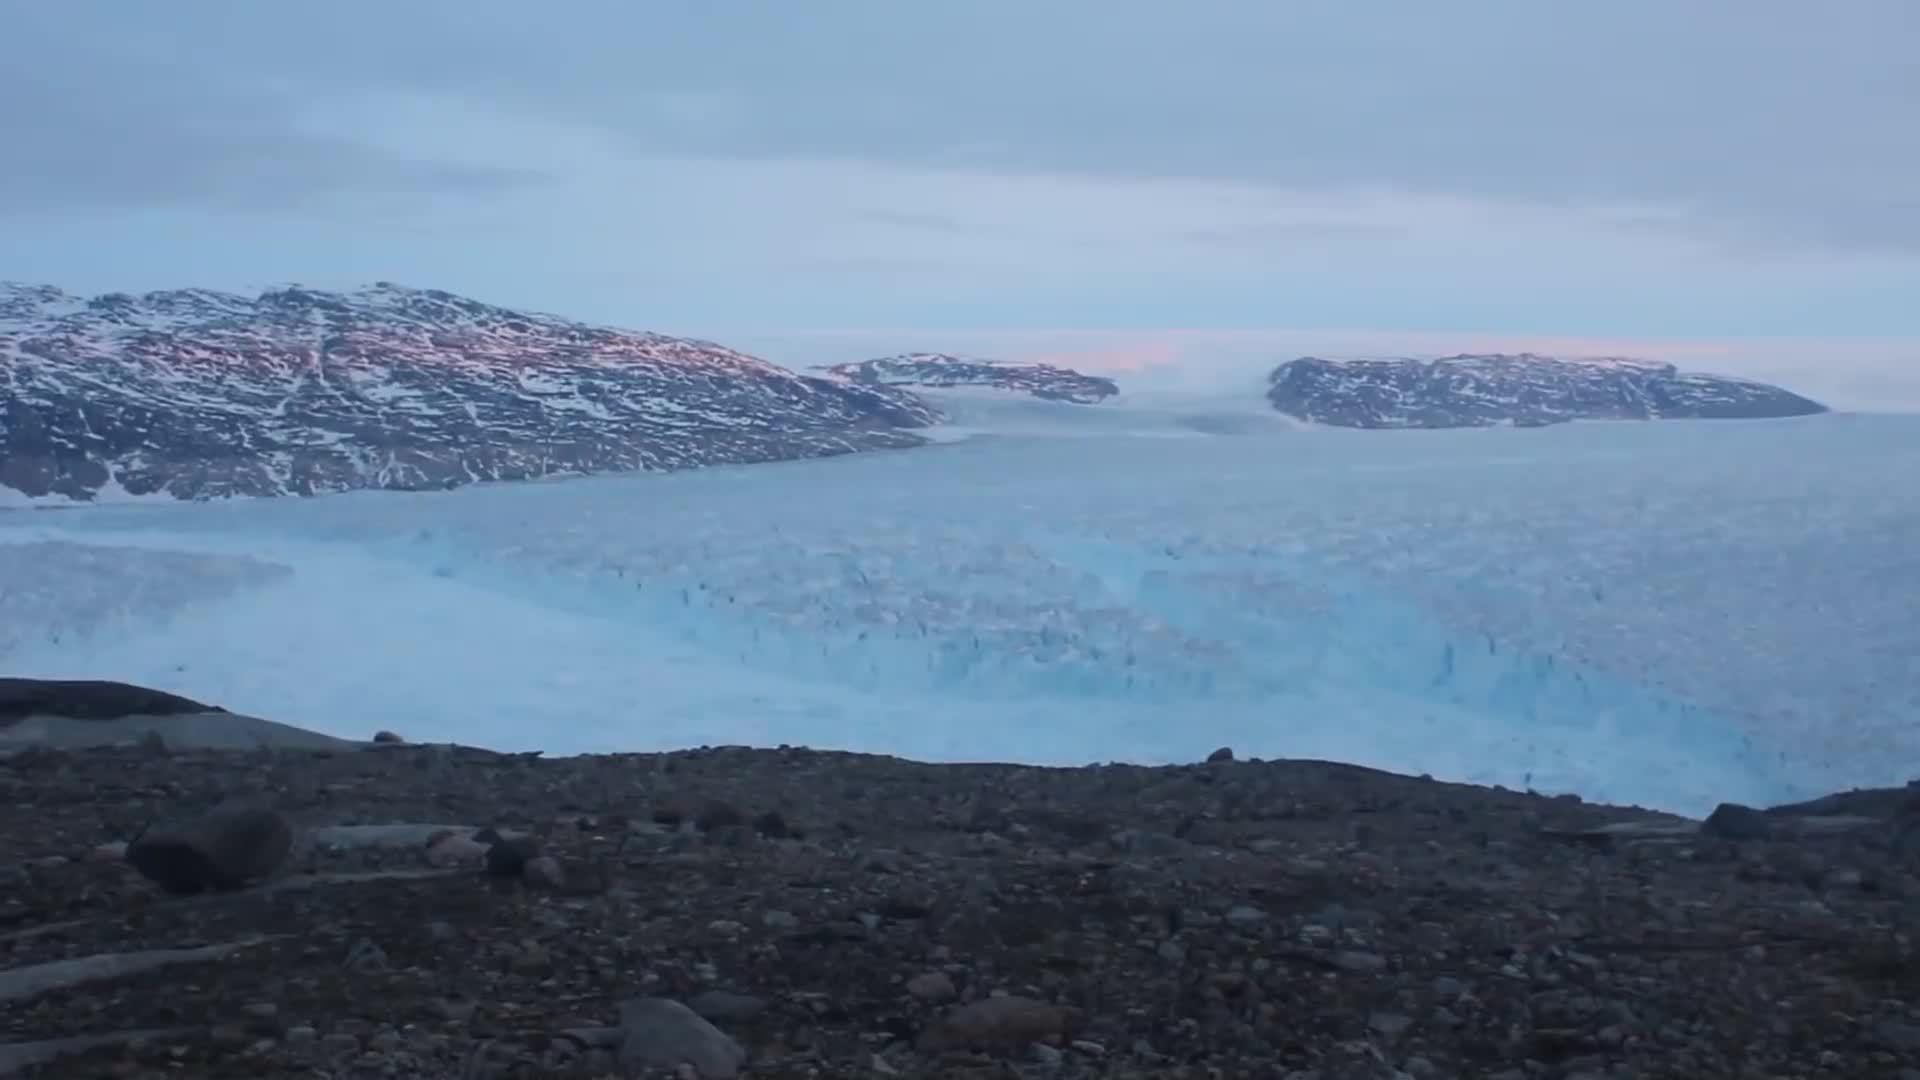 Núi băng nặng hơn 10 tỷ tấn tách khỏi sông băng ở Greenland